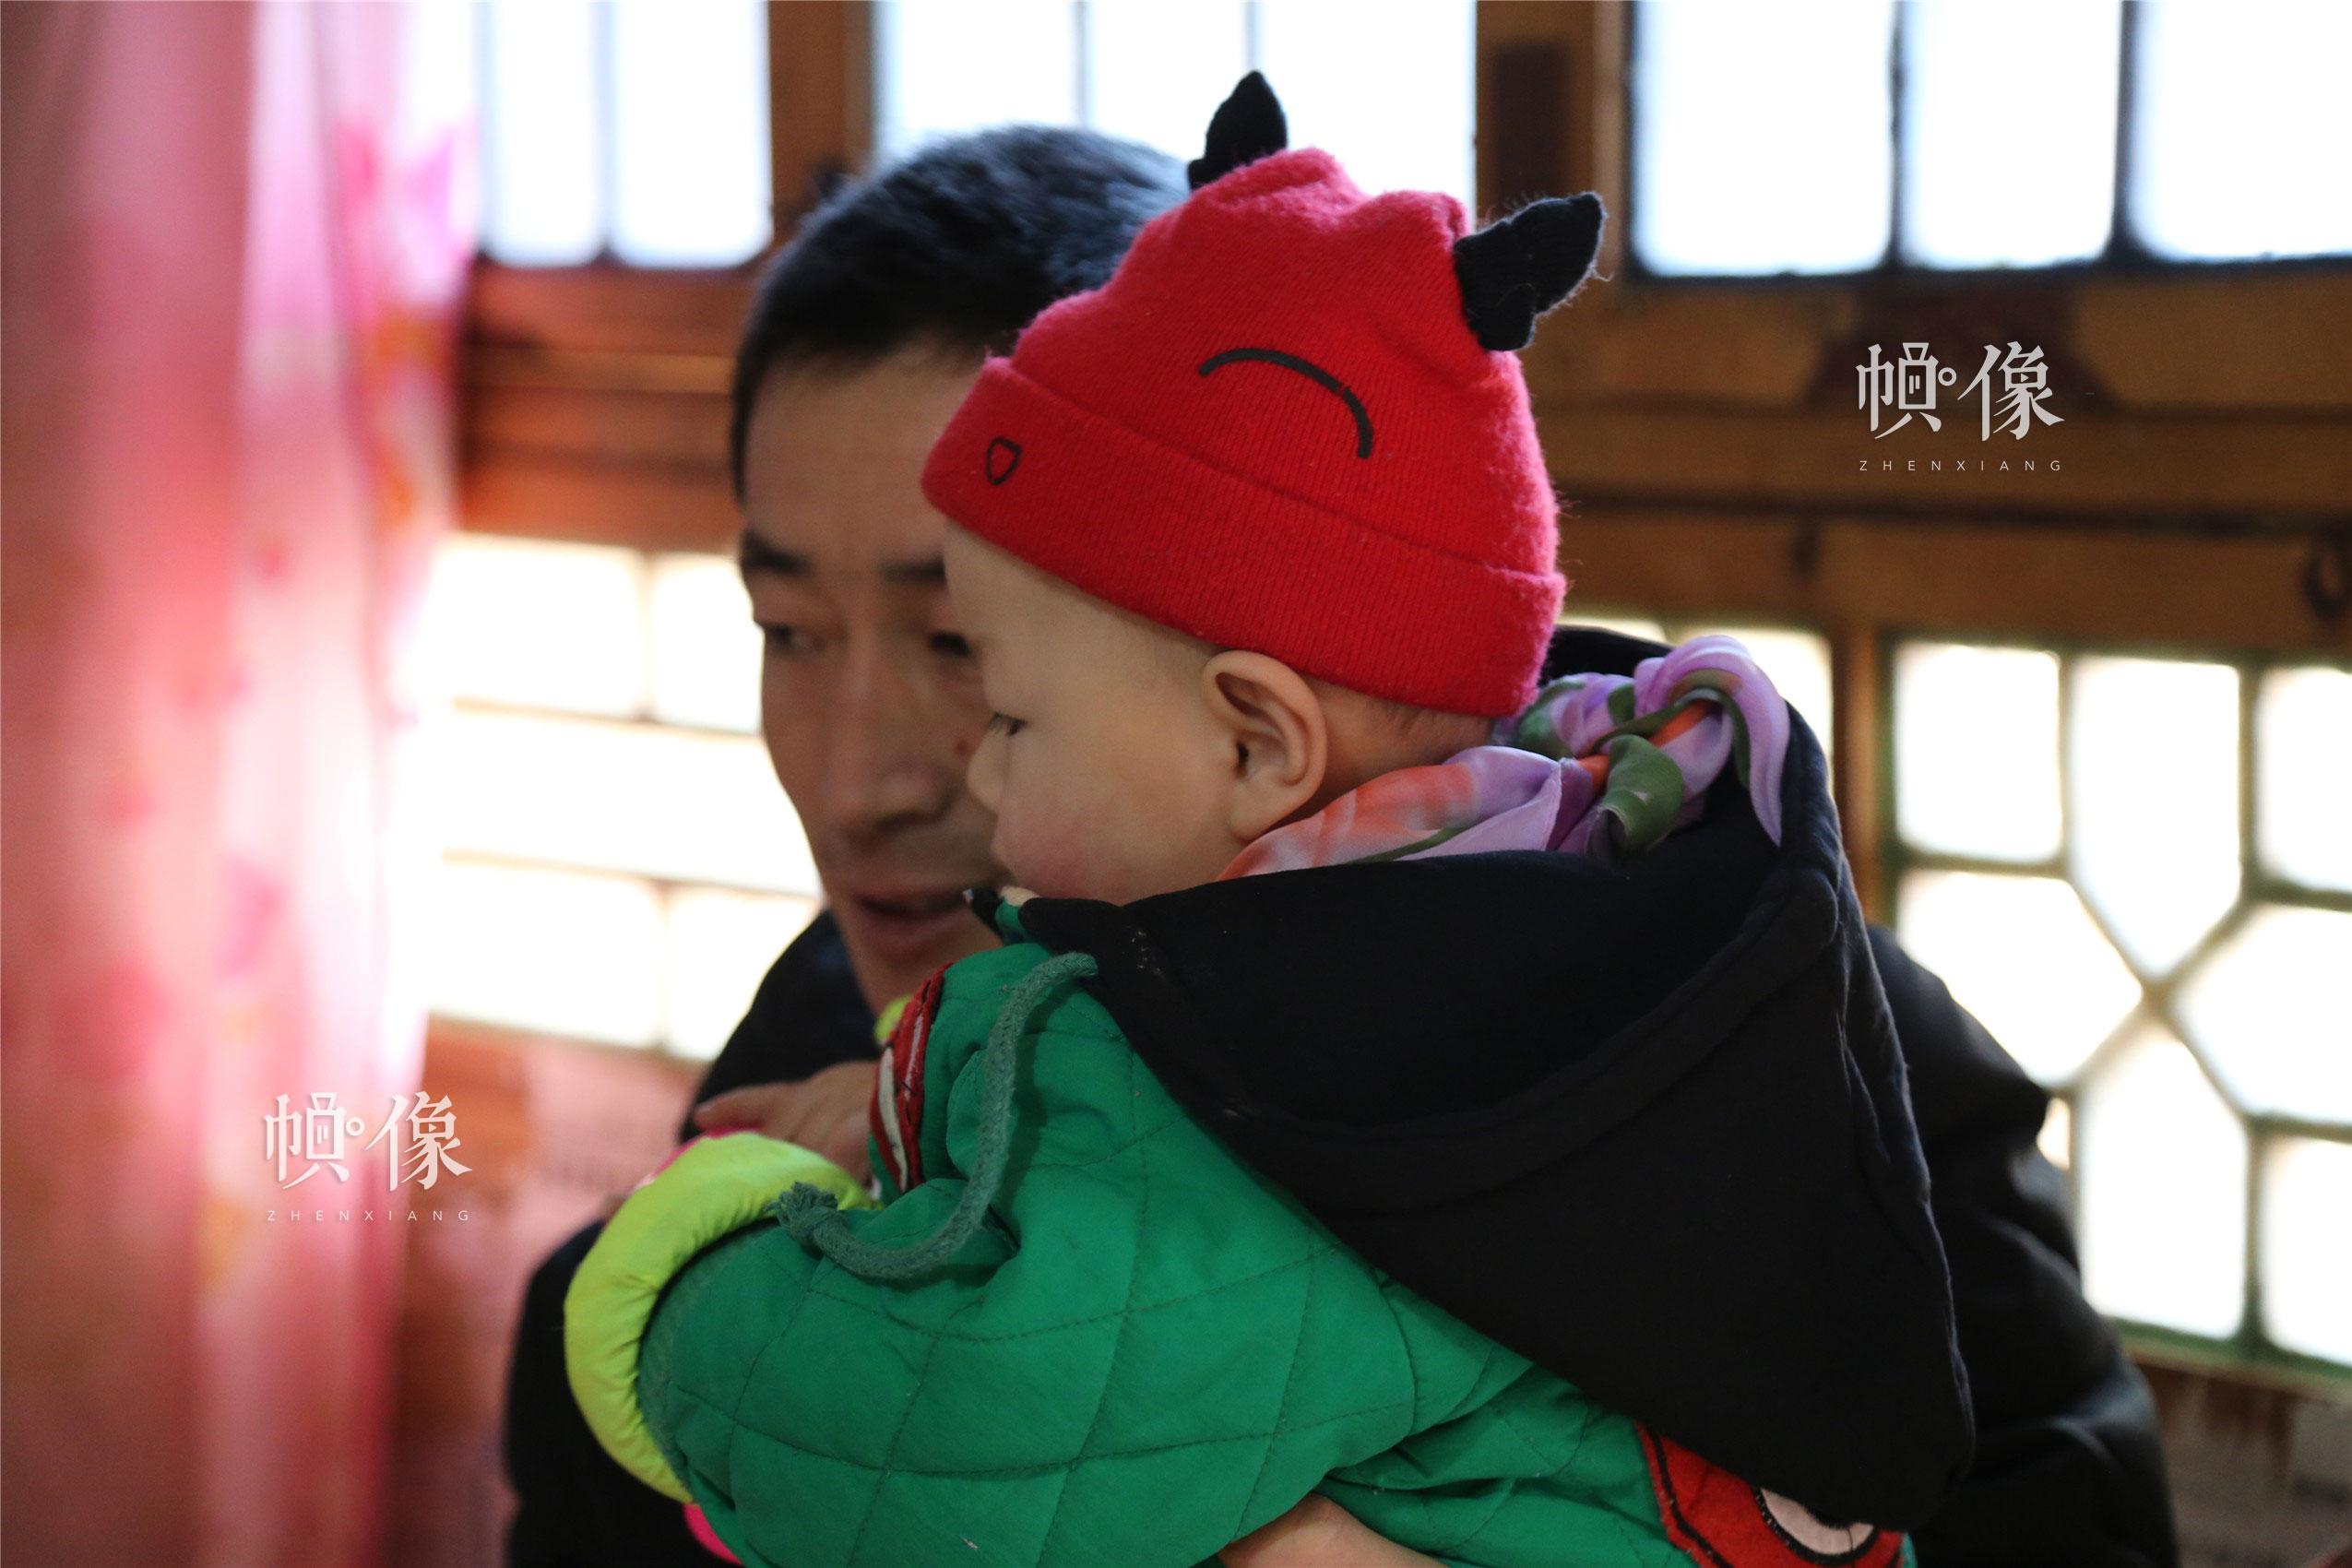 2018年1月22日,甘肃省陇南市西和县,听障儿童潘小明与父亲玩耍。中国网实习记者 朱珊杉 摄